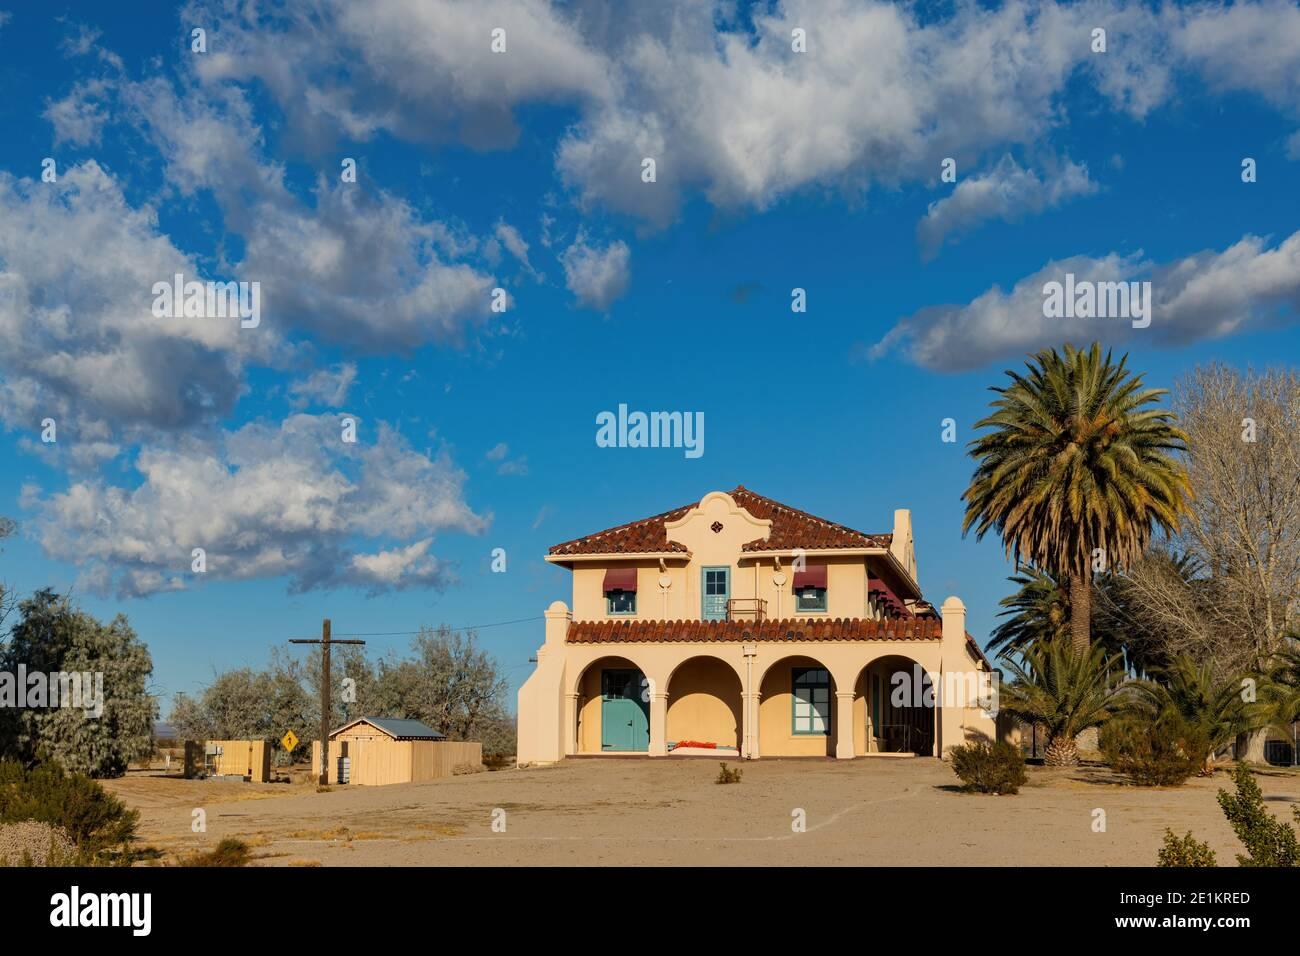 Vista soleada del hermoso Centro de Visitantes de Kelso Depot en California Foto de stock